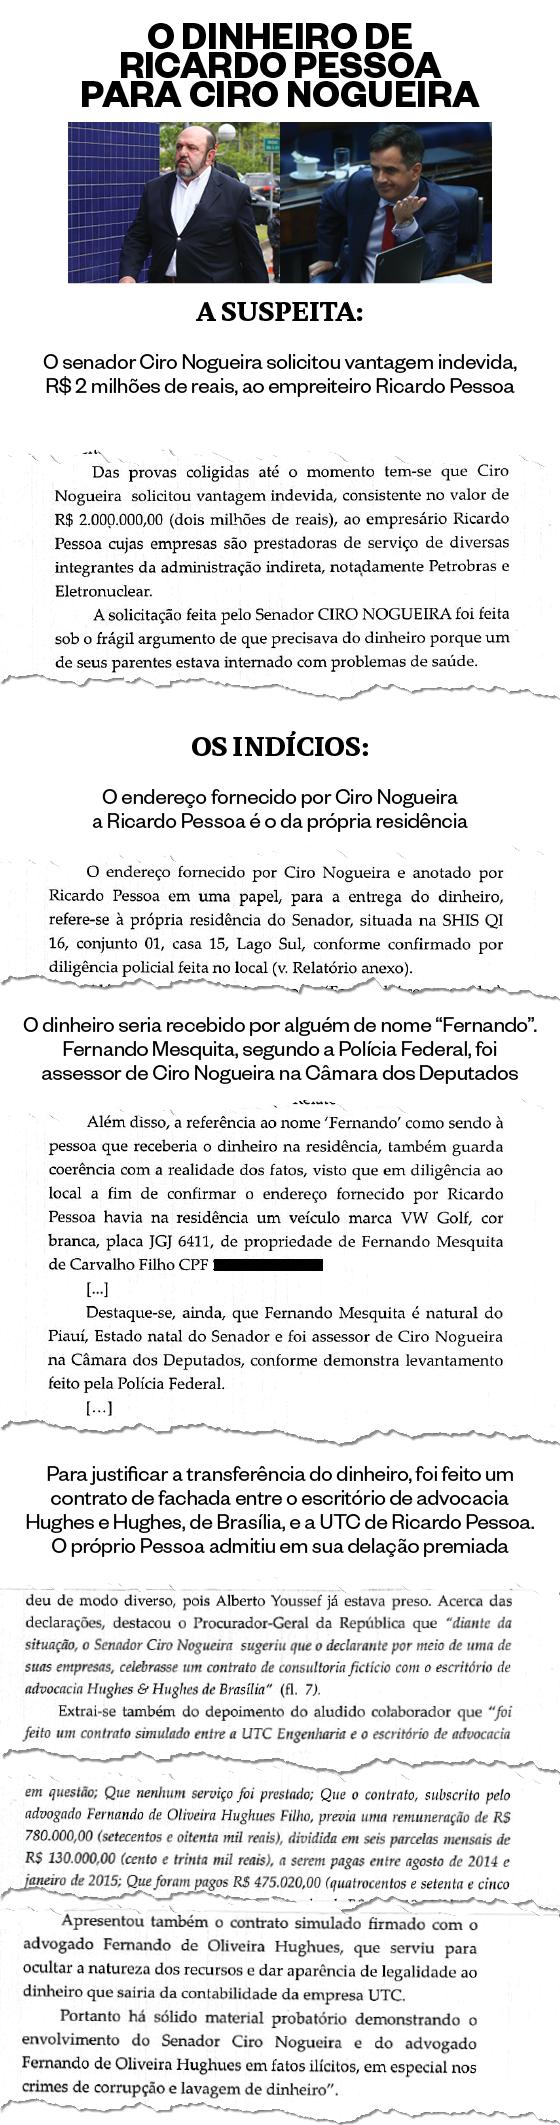 O dinheiro de Ricardo Pessoa para Ciro Nogueira (Foto: Reprodução)